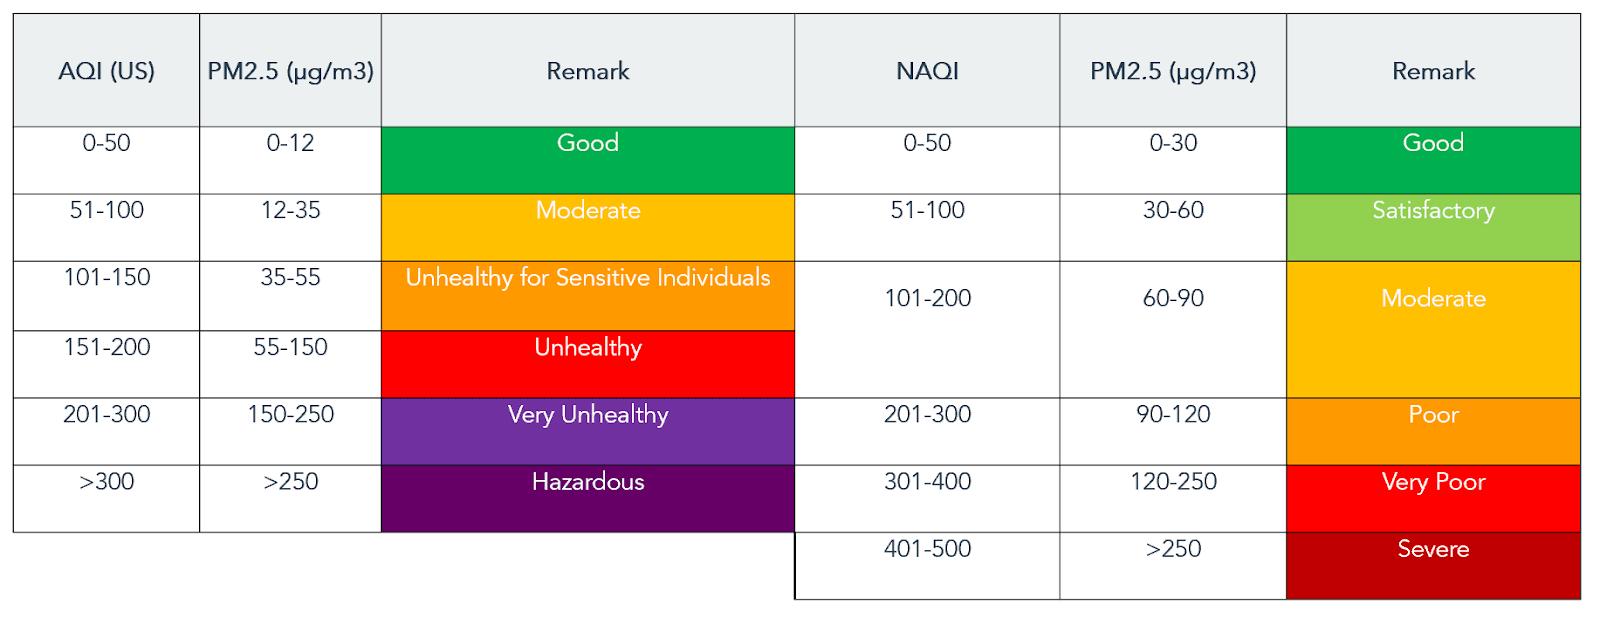 PM2.5 AQI vs NAQI